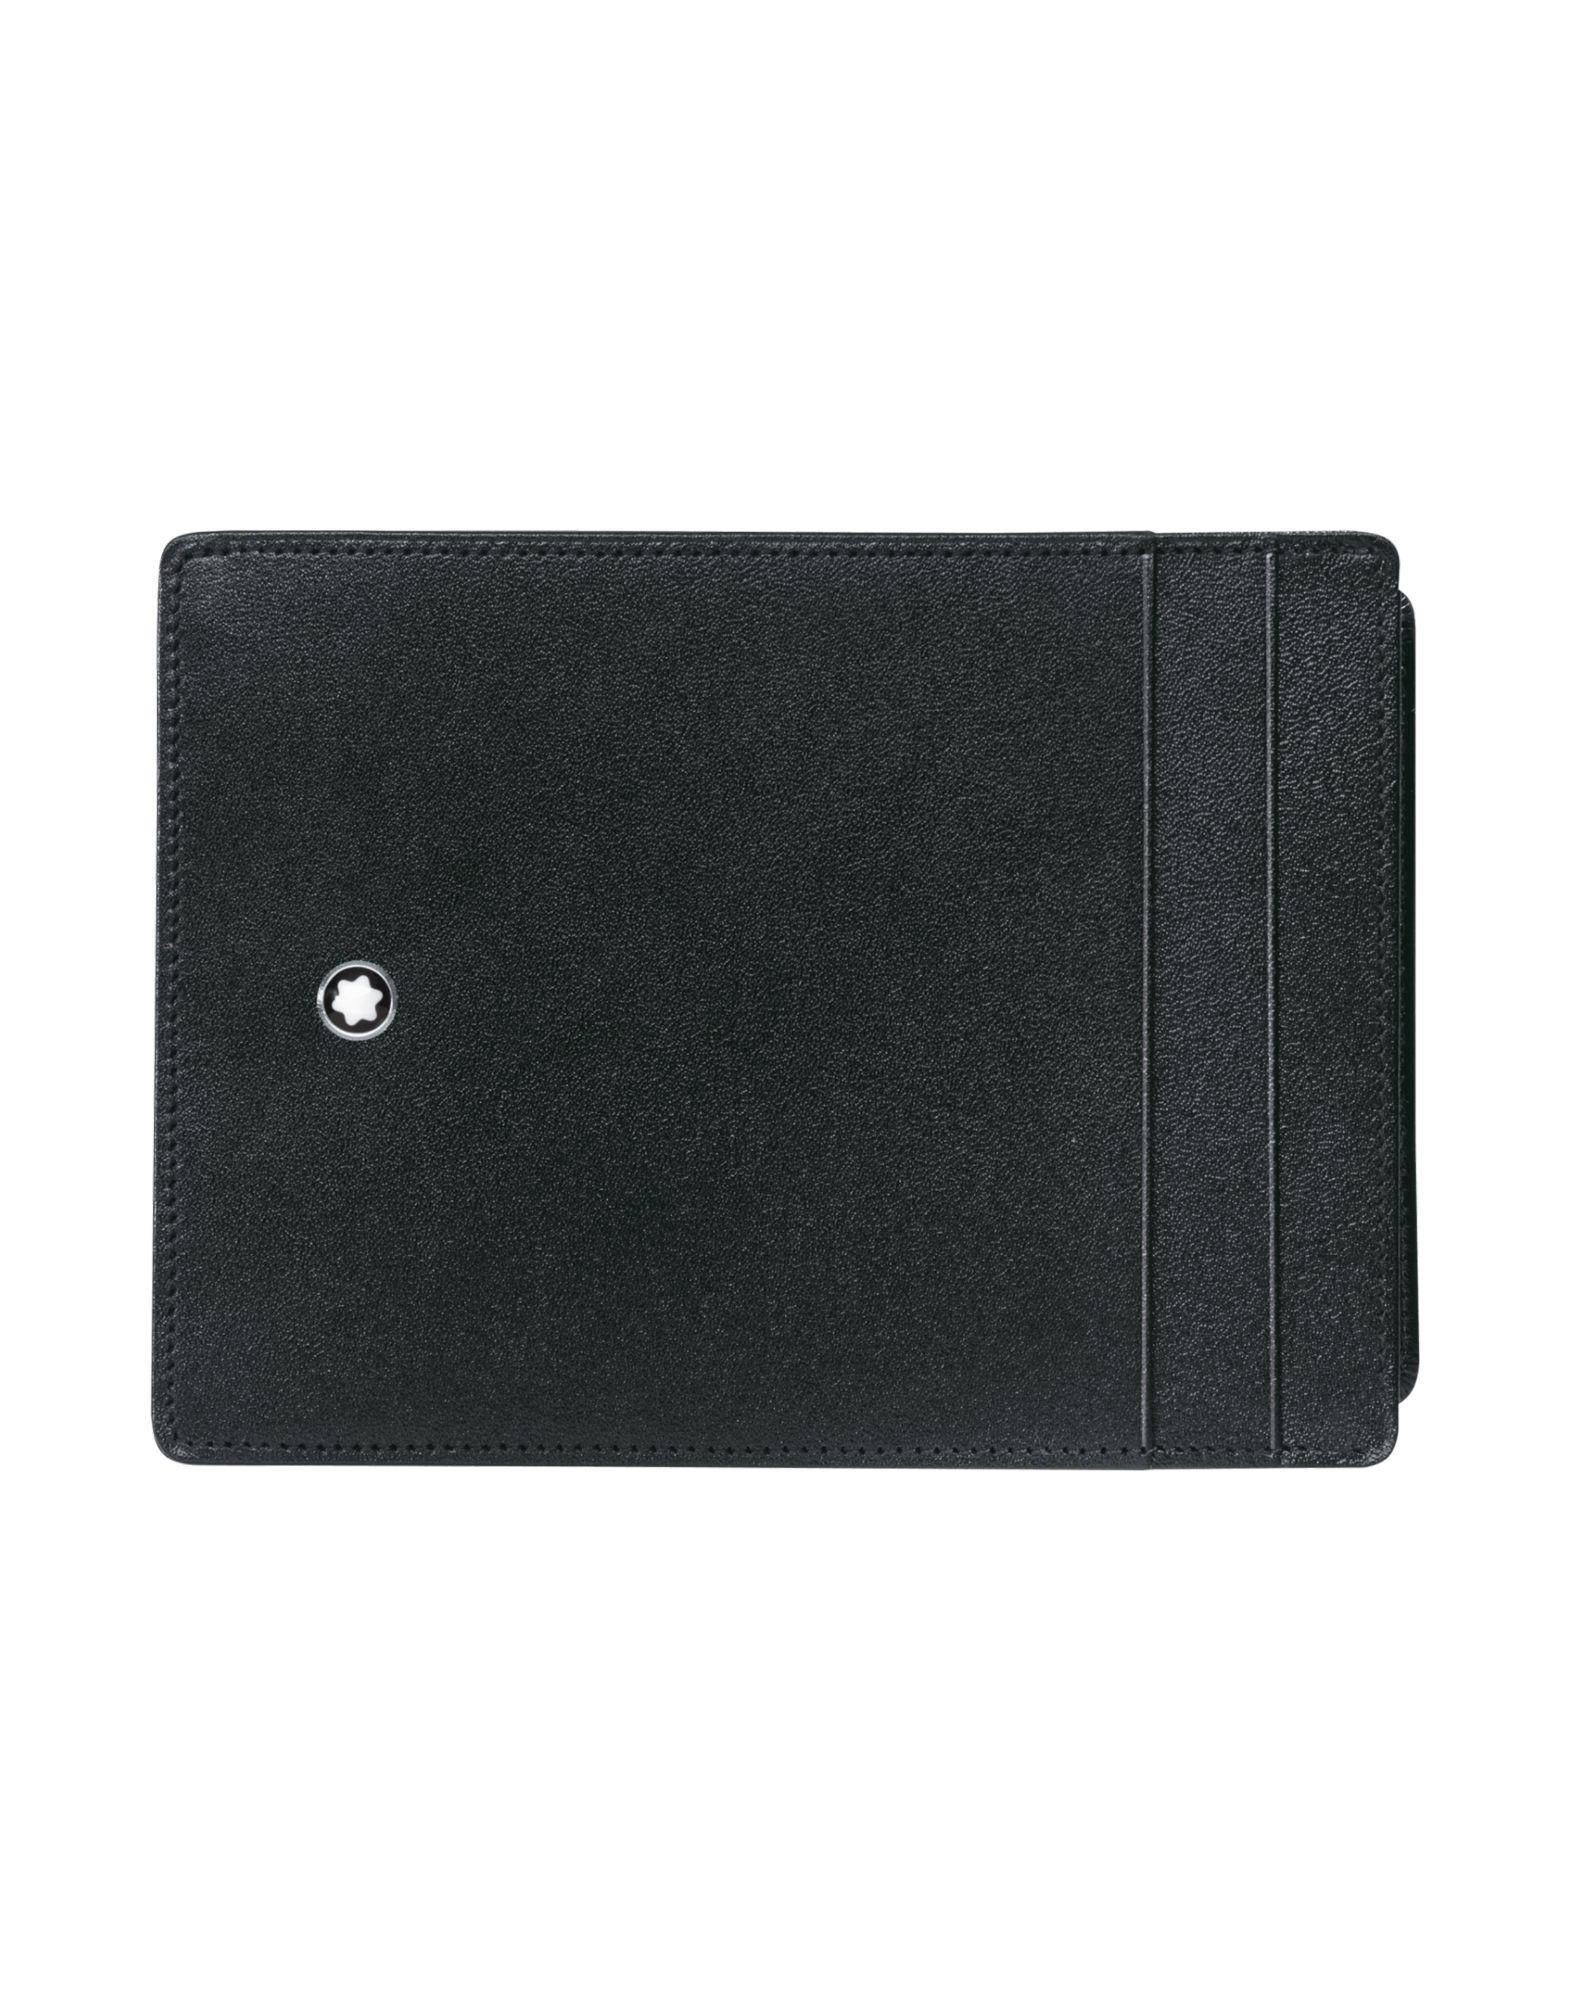 《送料無料》MONTBLANC メンズ 財布 ブラック 柔らかめの牛革 Meisterst?ck Pocket 4cc ID Card Black